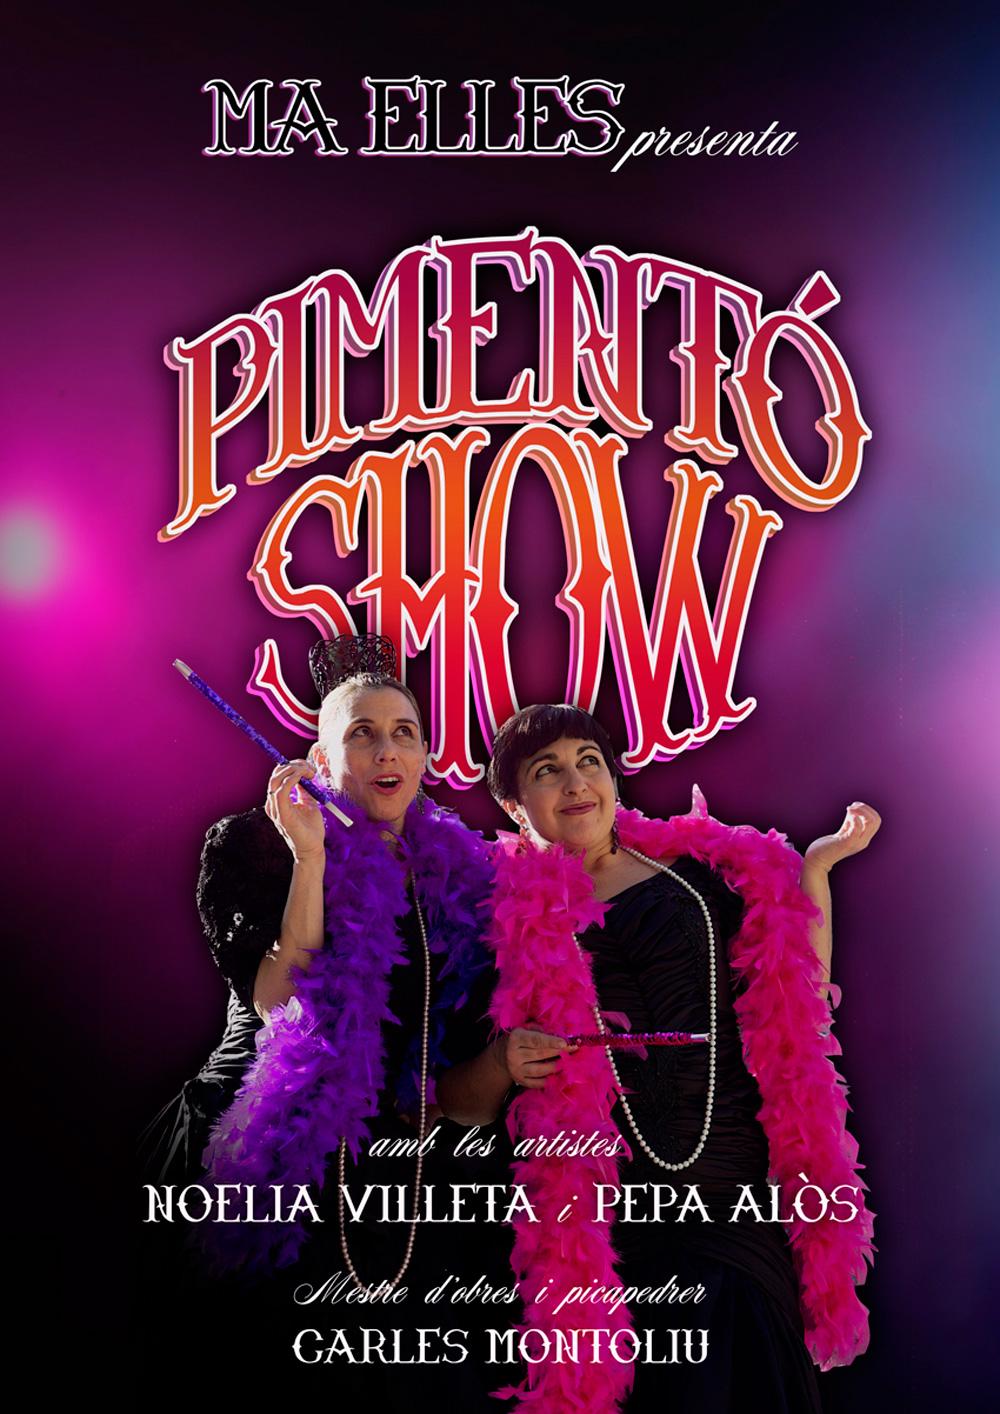 PIMENTO_SHOW